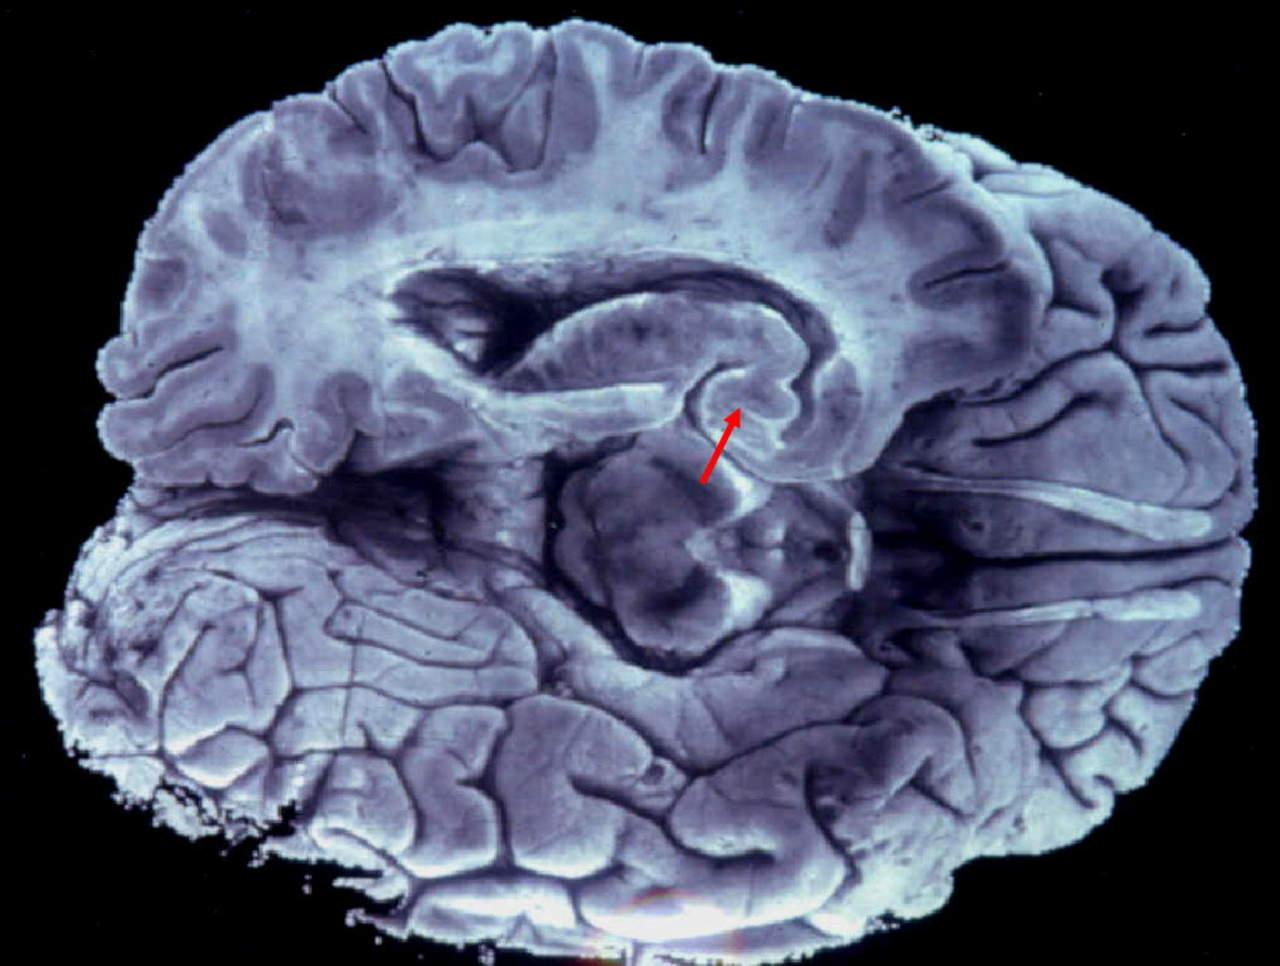 Idean un escáner cerebral portátil para recién nacidos